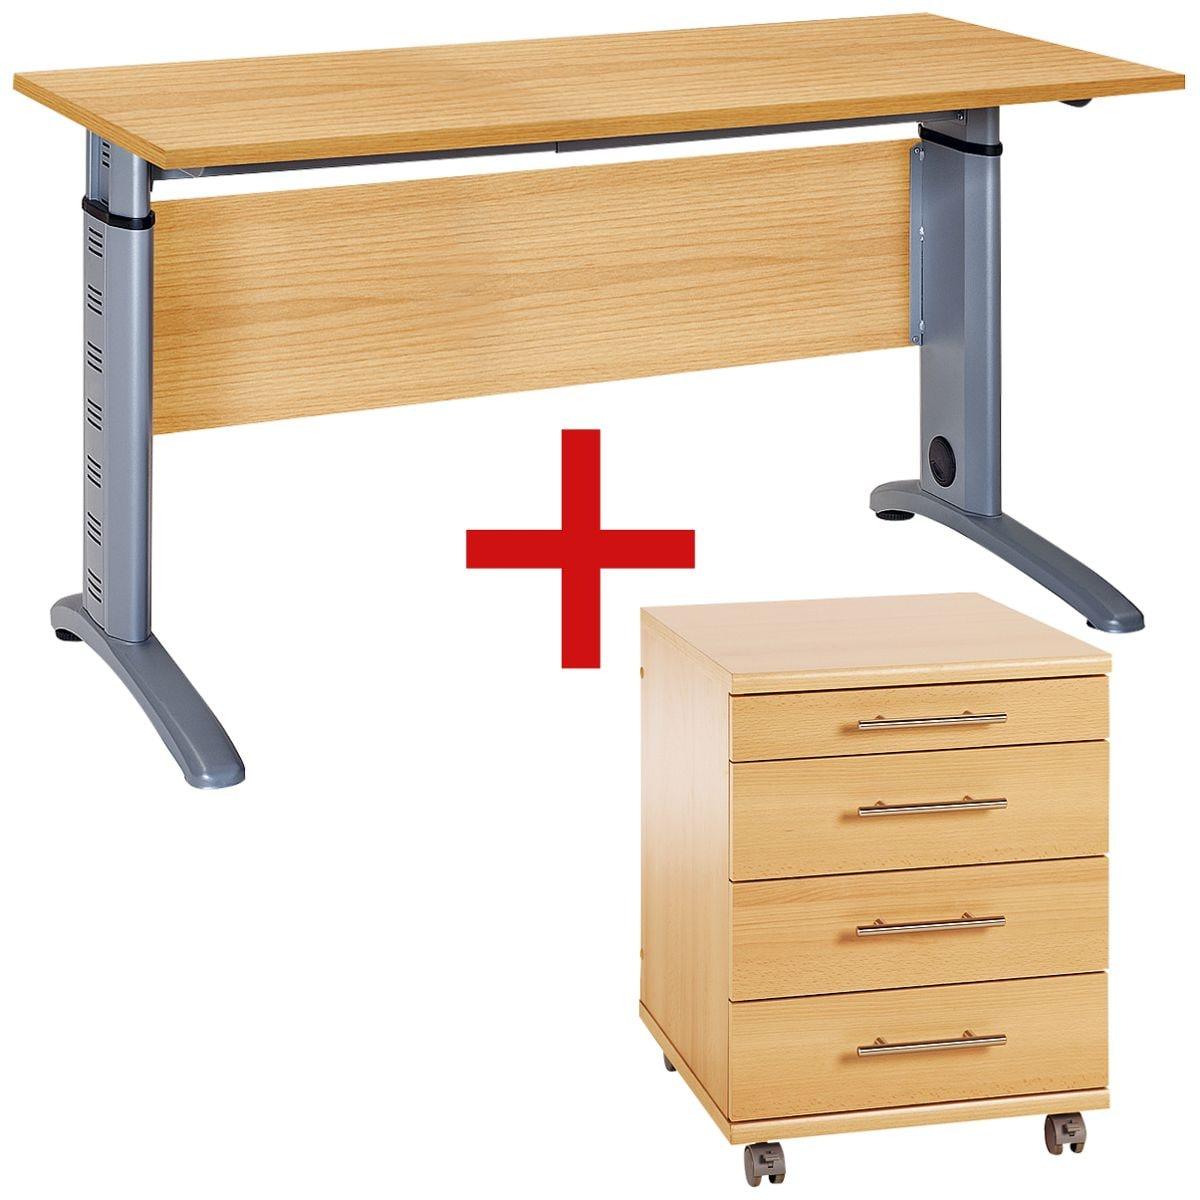 m bel set rom 2 teilig schreibtisch mit c fu bei otto office g nstig kaufen. Black Bedroom Furniture Sets. Home Design Ideas